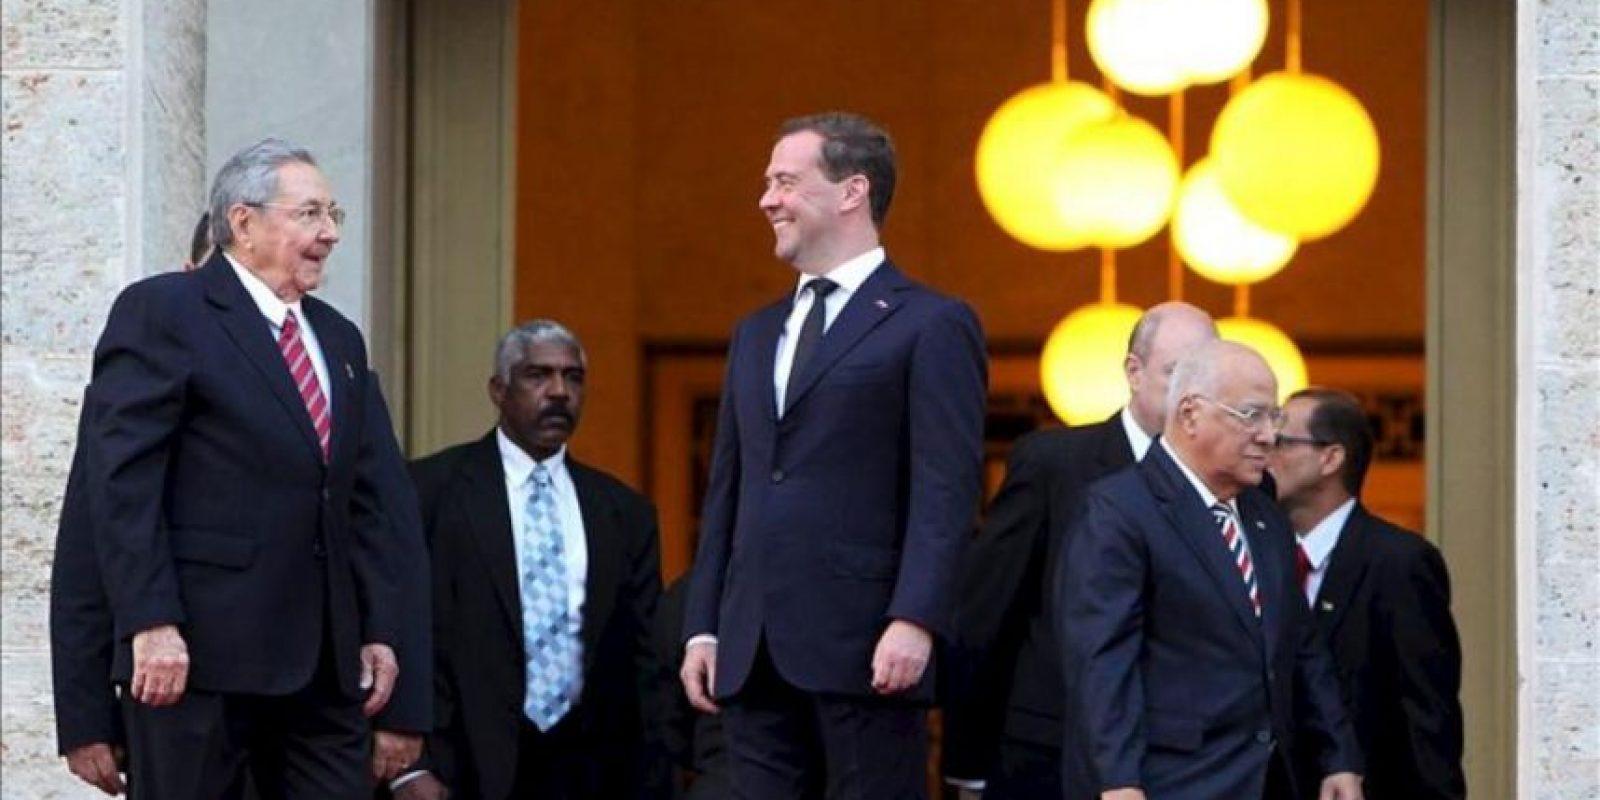 El presidente cubano, Raúl Castro (i), recibe al primer ministro de Rusia, Dimitri Medvédev (d), en el Palacio de la Revolución de La Habana, durante una visita oficial para reforzar las relaciones comerciales y de cooperación entre ambos países. EFE